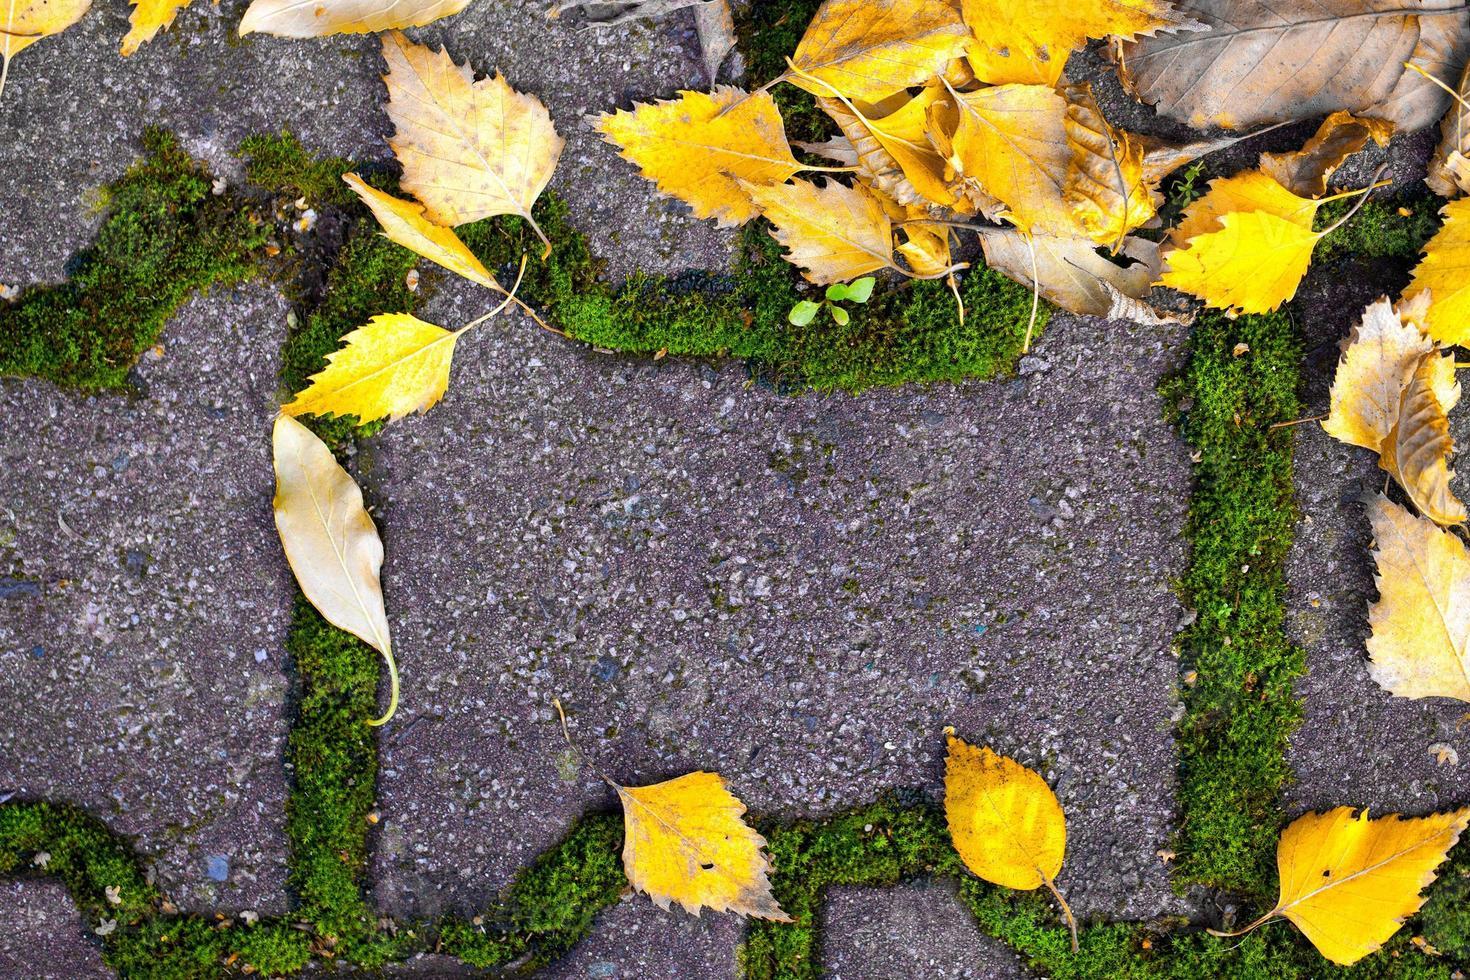 otoño otoño hojas secas concepto de flora estacional foto